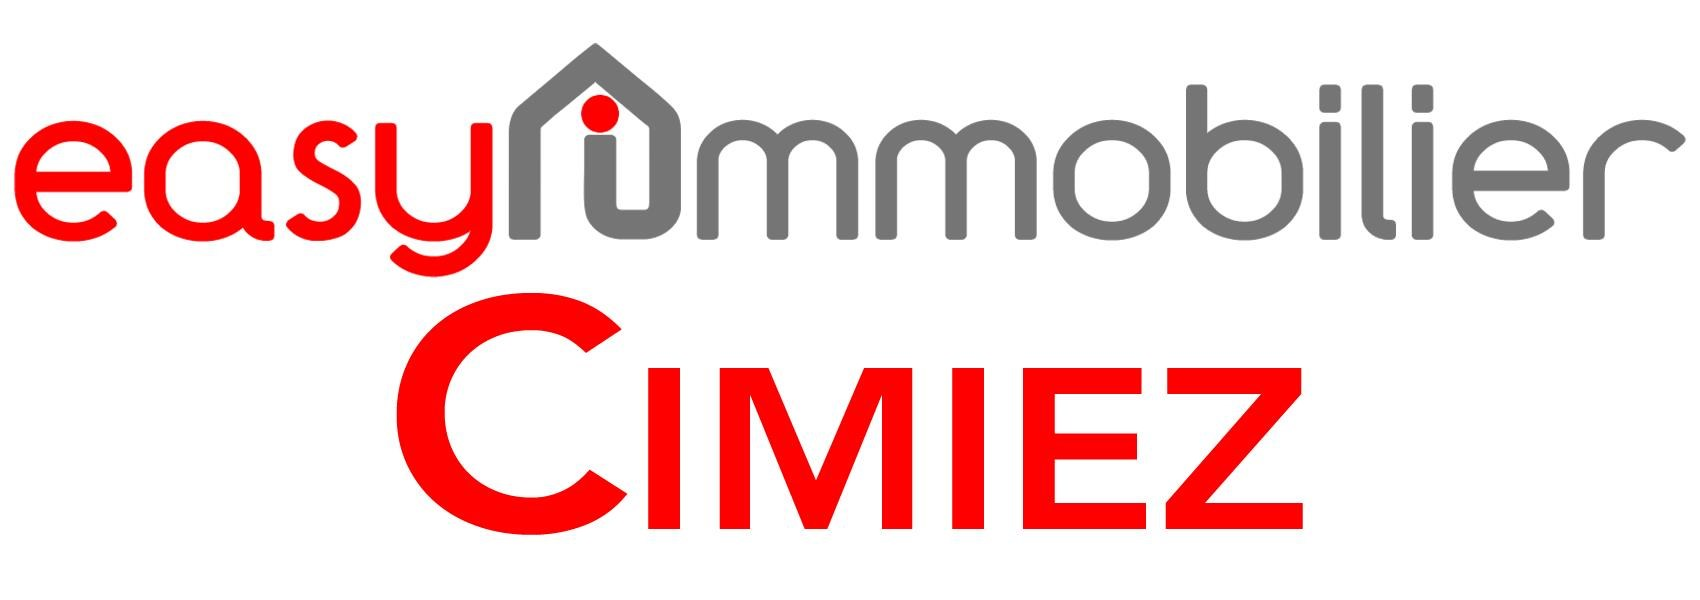 Easy Immo. Cimiez